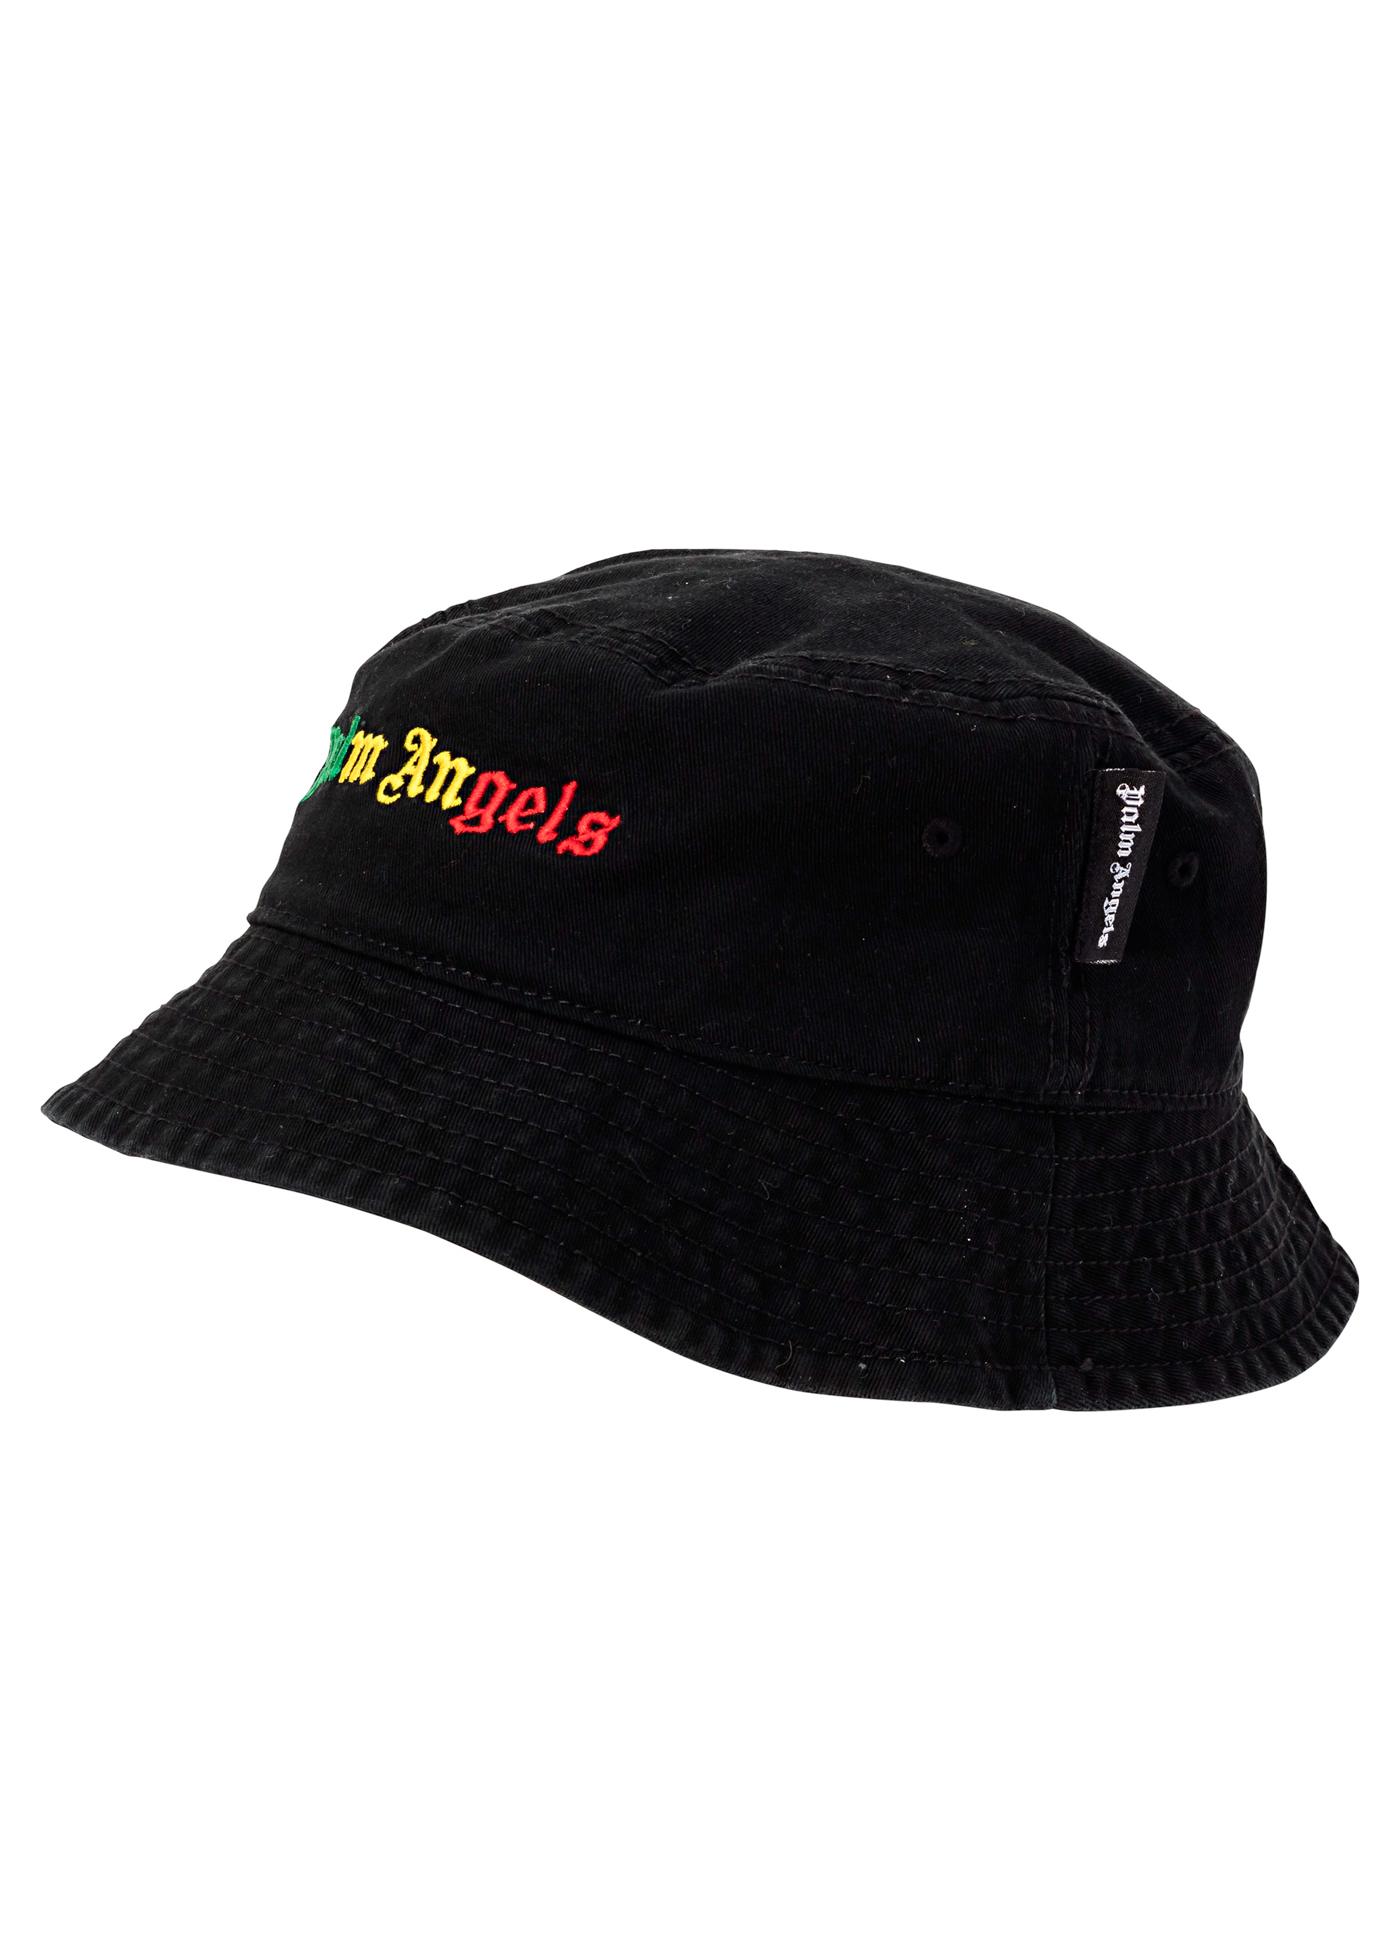 MIAMI LOGO BUCKET HAT BLACK MULTICOLOR image number 0